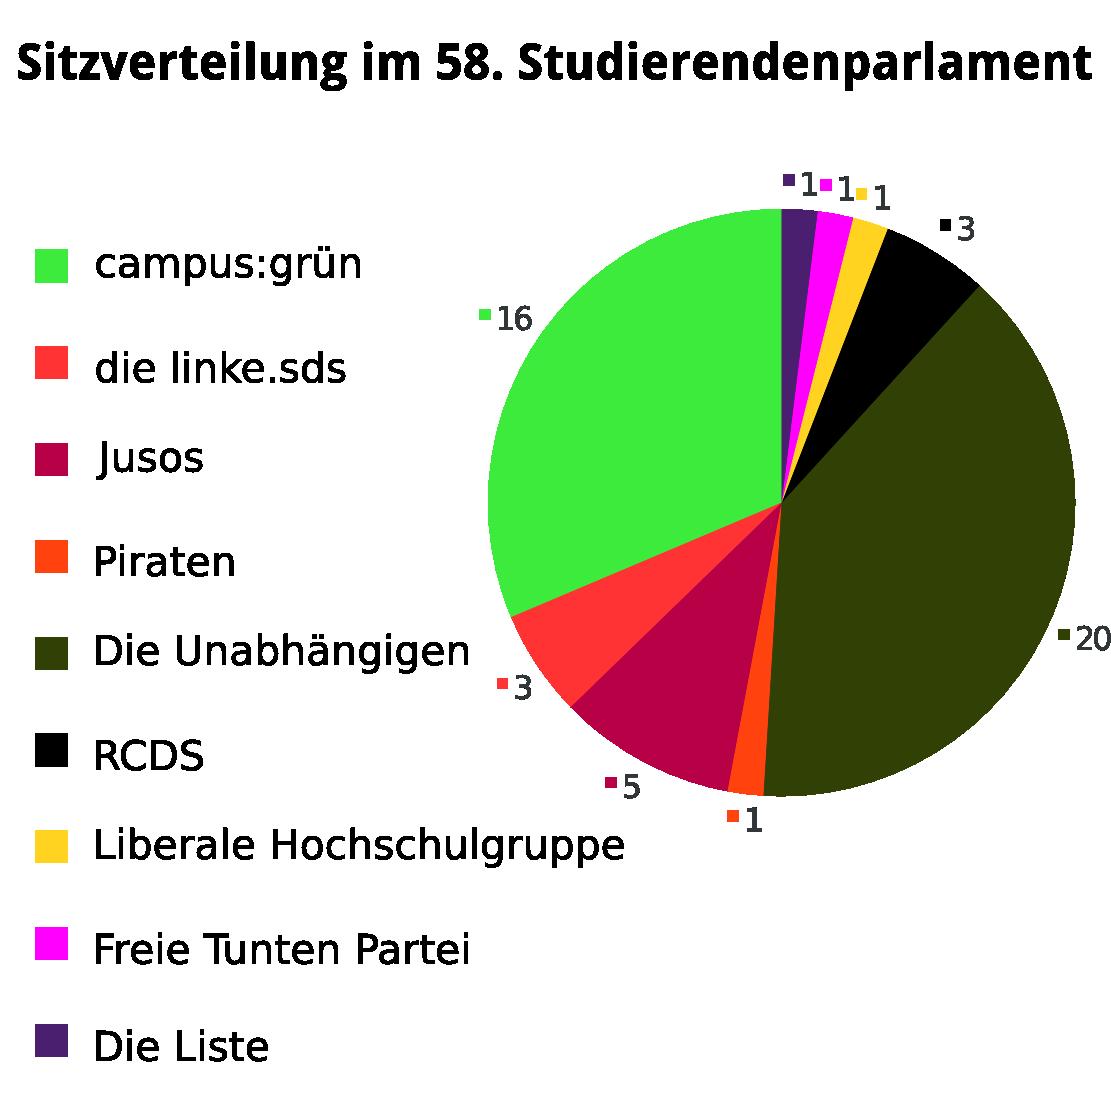 Sitzverteilung im 58. Studierendenparlaments